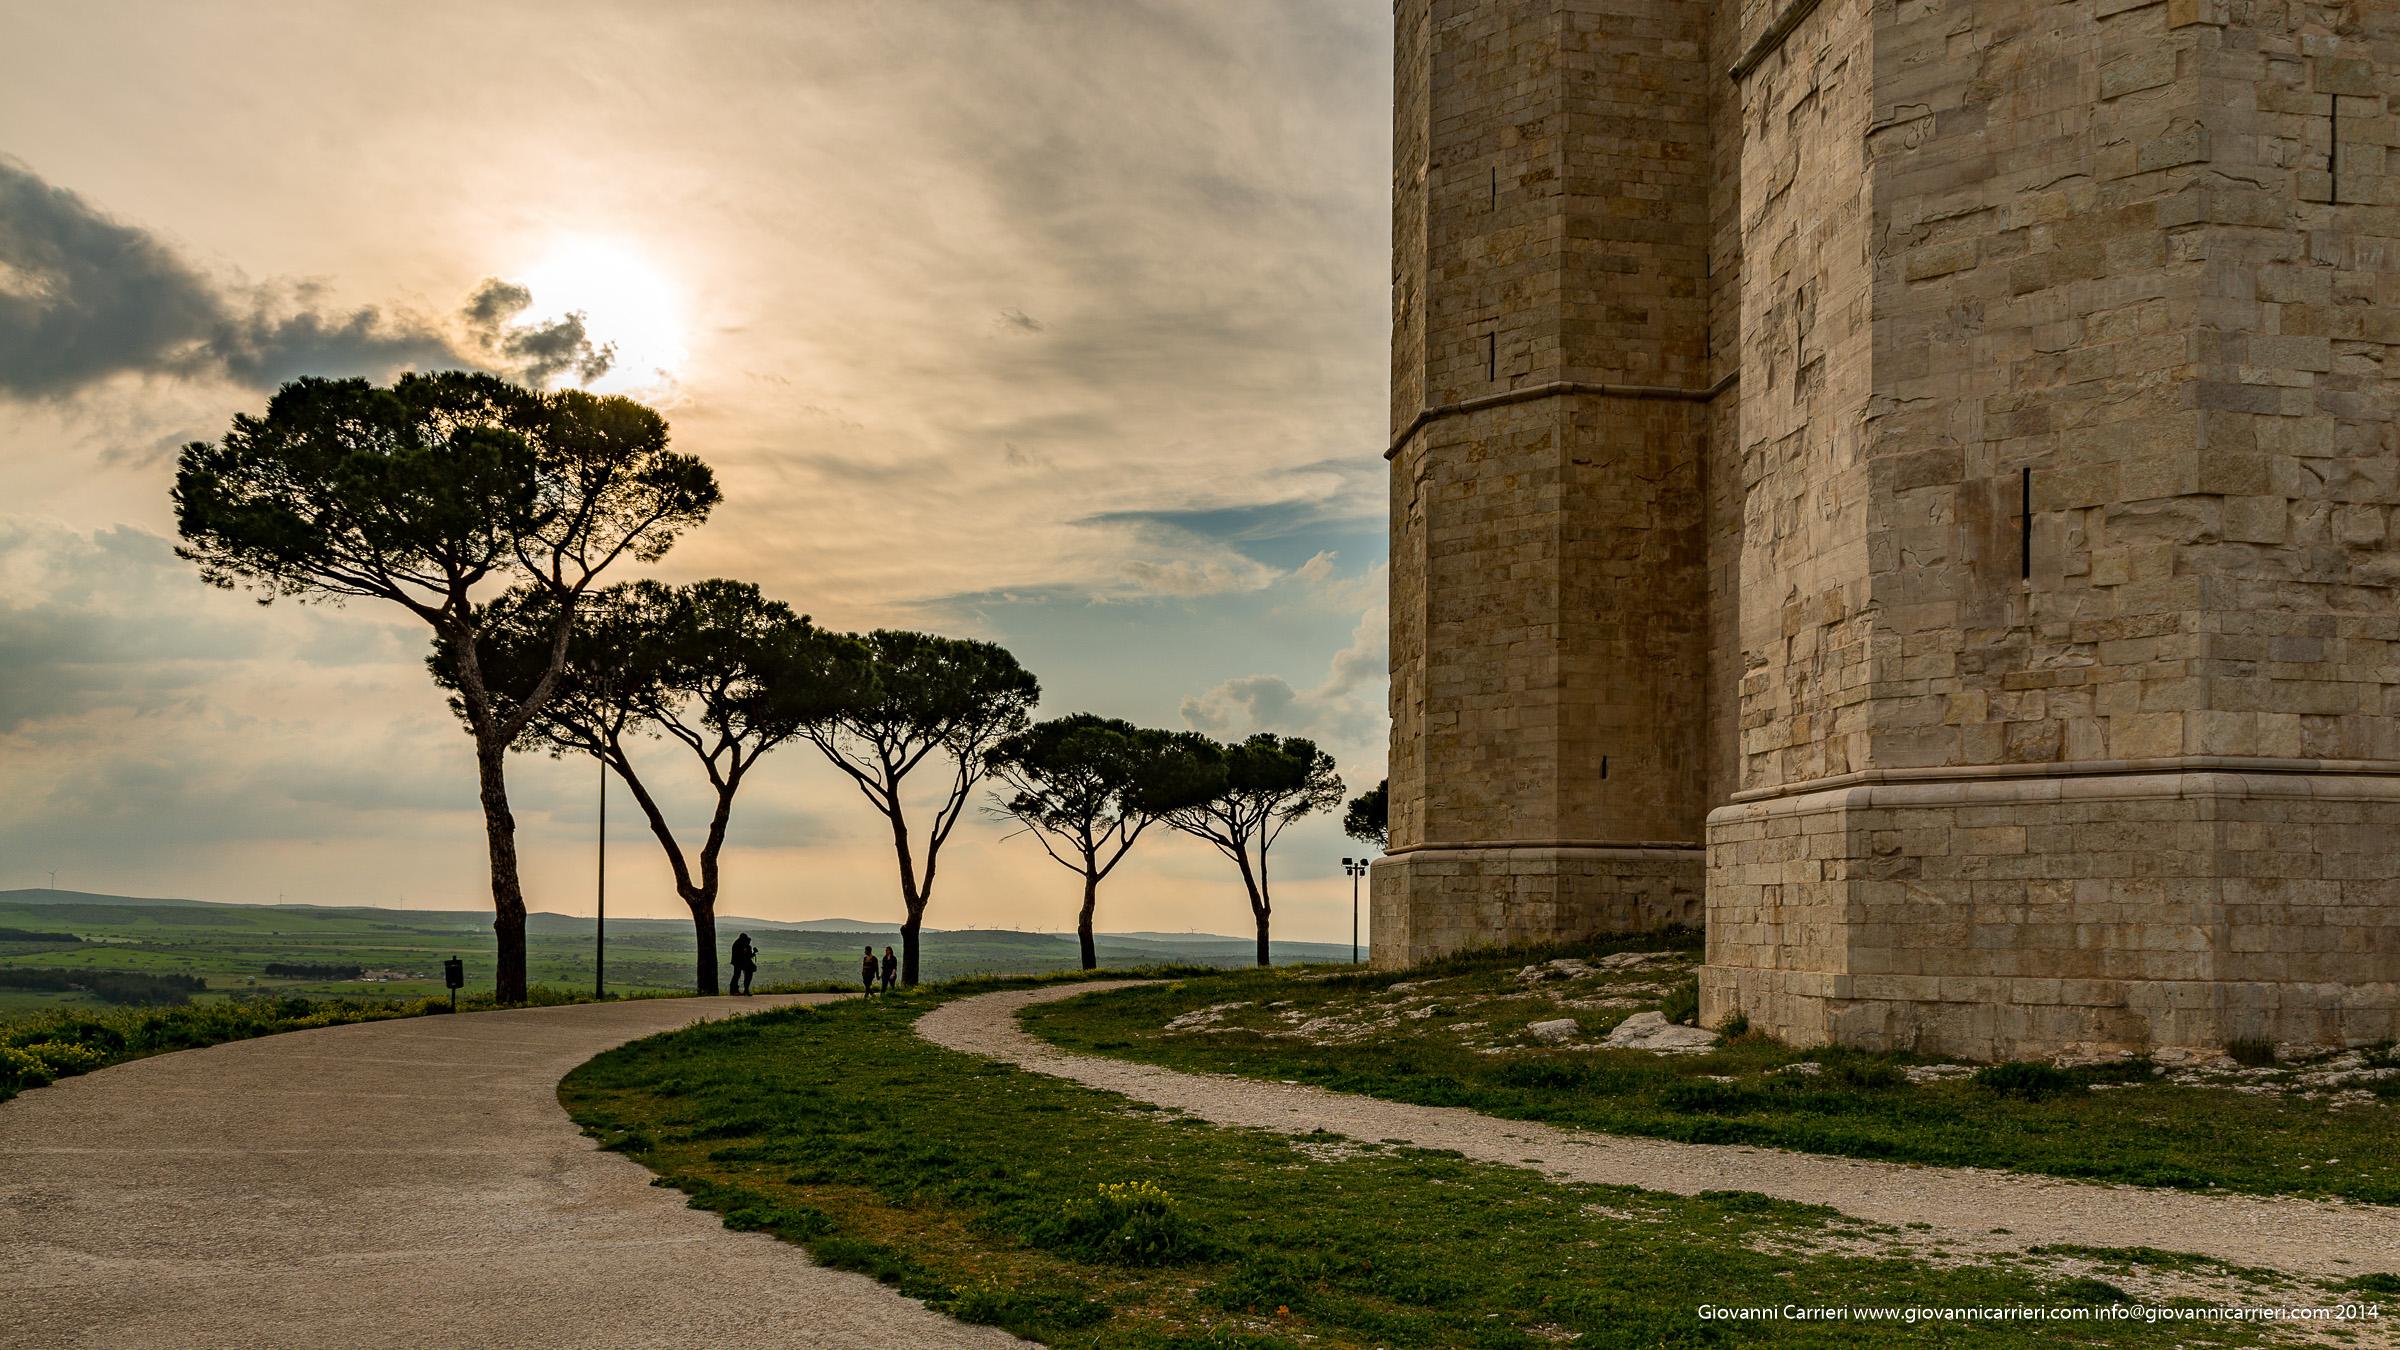 Castel del monte tra le nuvole, Puglia